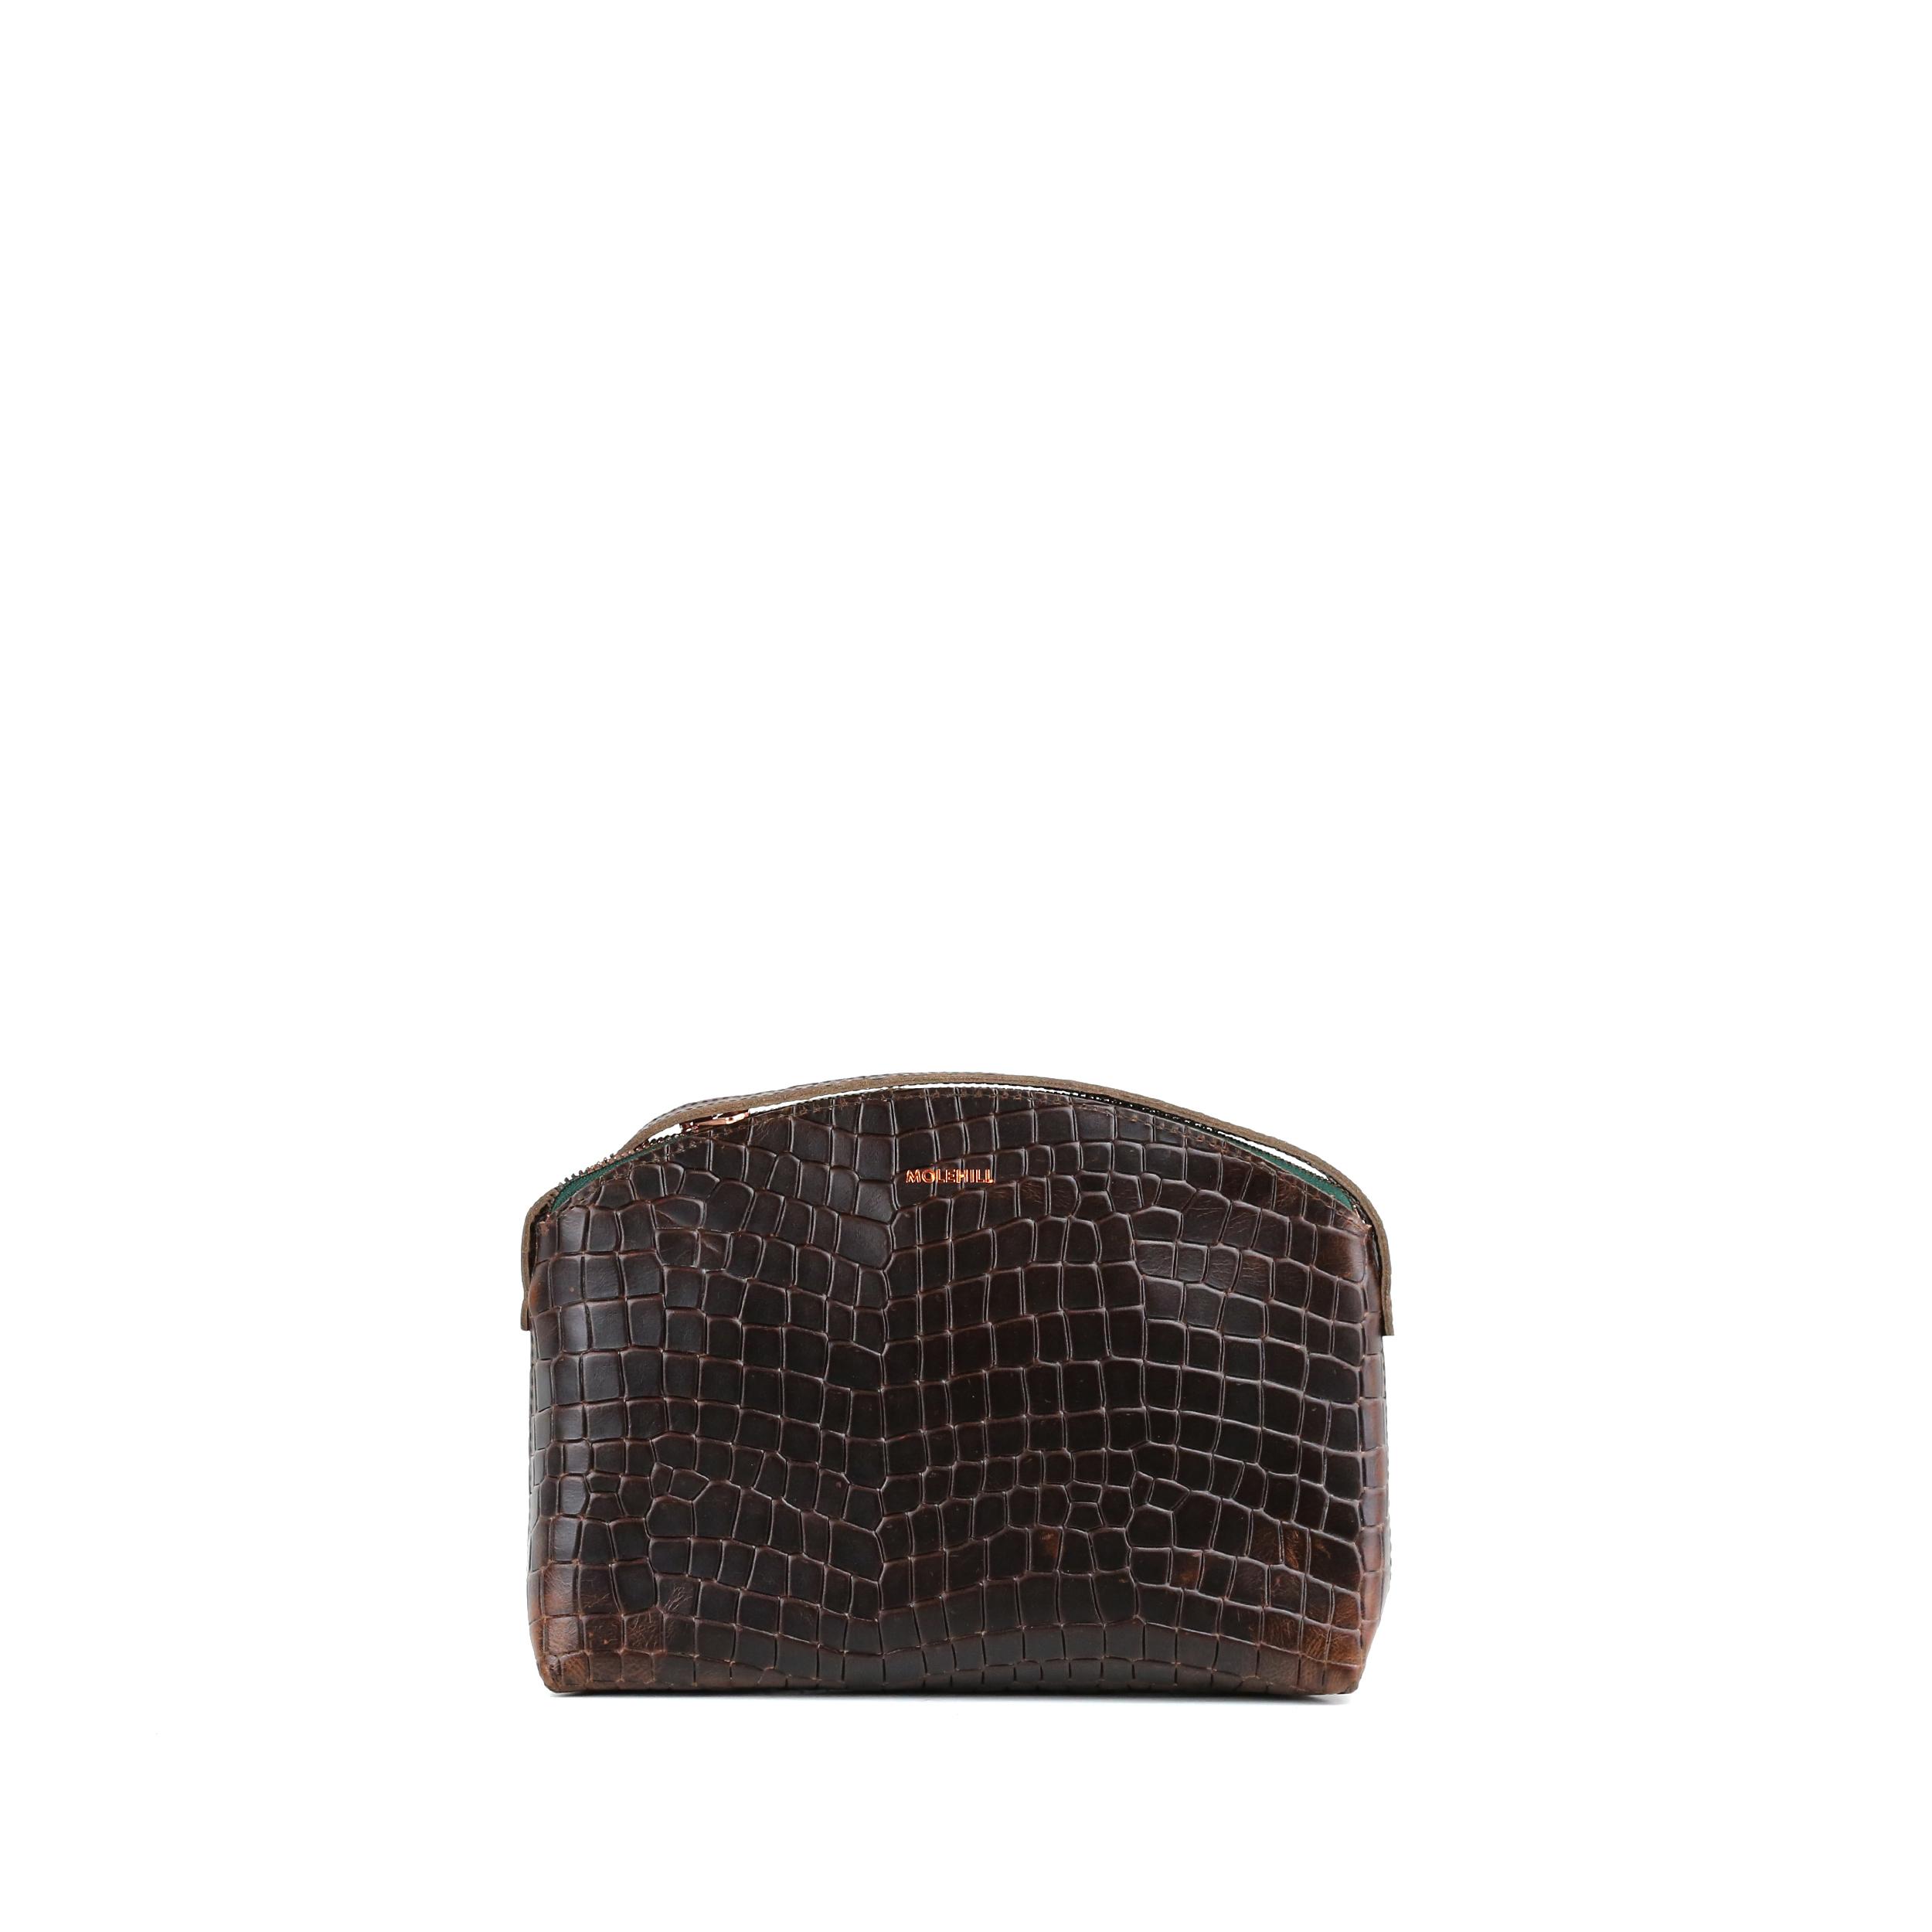 TIMI Crossbody Bag Croco Sample Sale No. 5-1